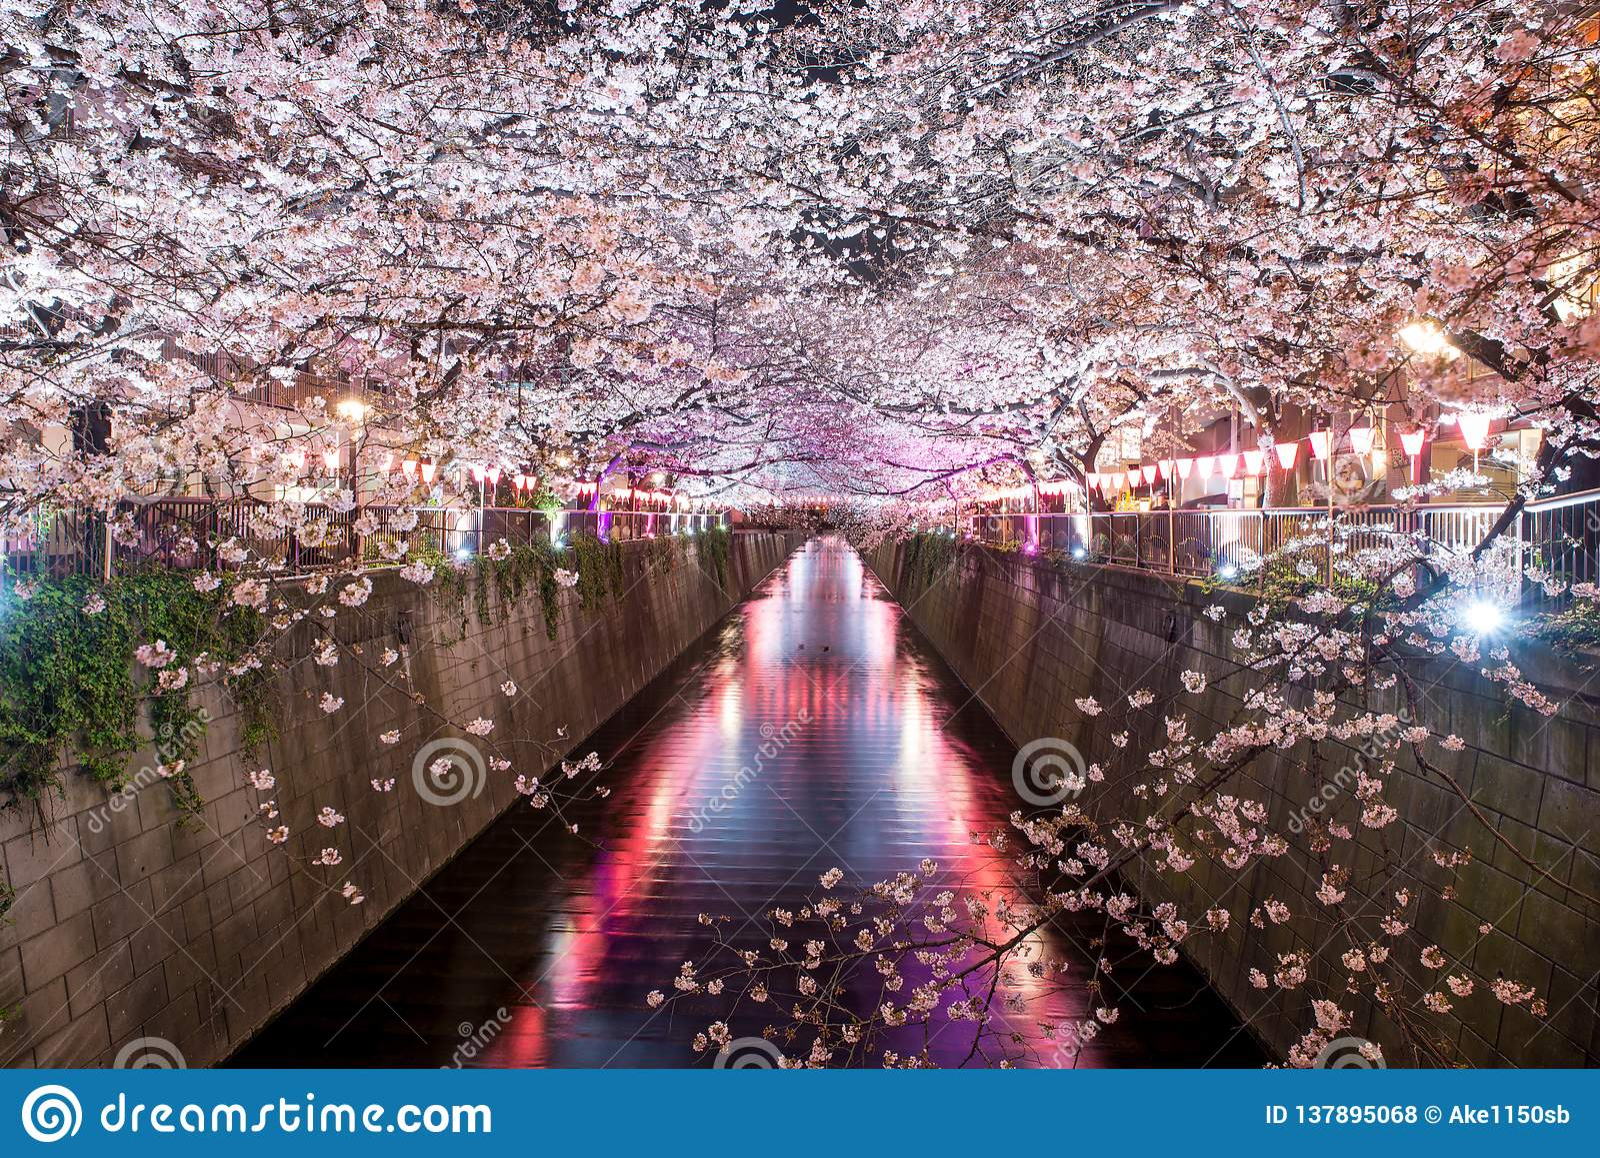 Ευθυγραμμισμένο κανάλι Meguro κερασιών άνθος τη νύχτα στο Τόκιο, Ιαπωνία Άνοιξη τον Απρίλιο στο Τόκιο, Ιαπωνία